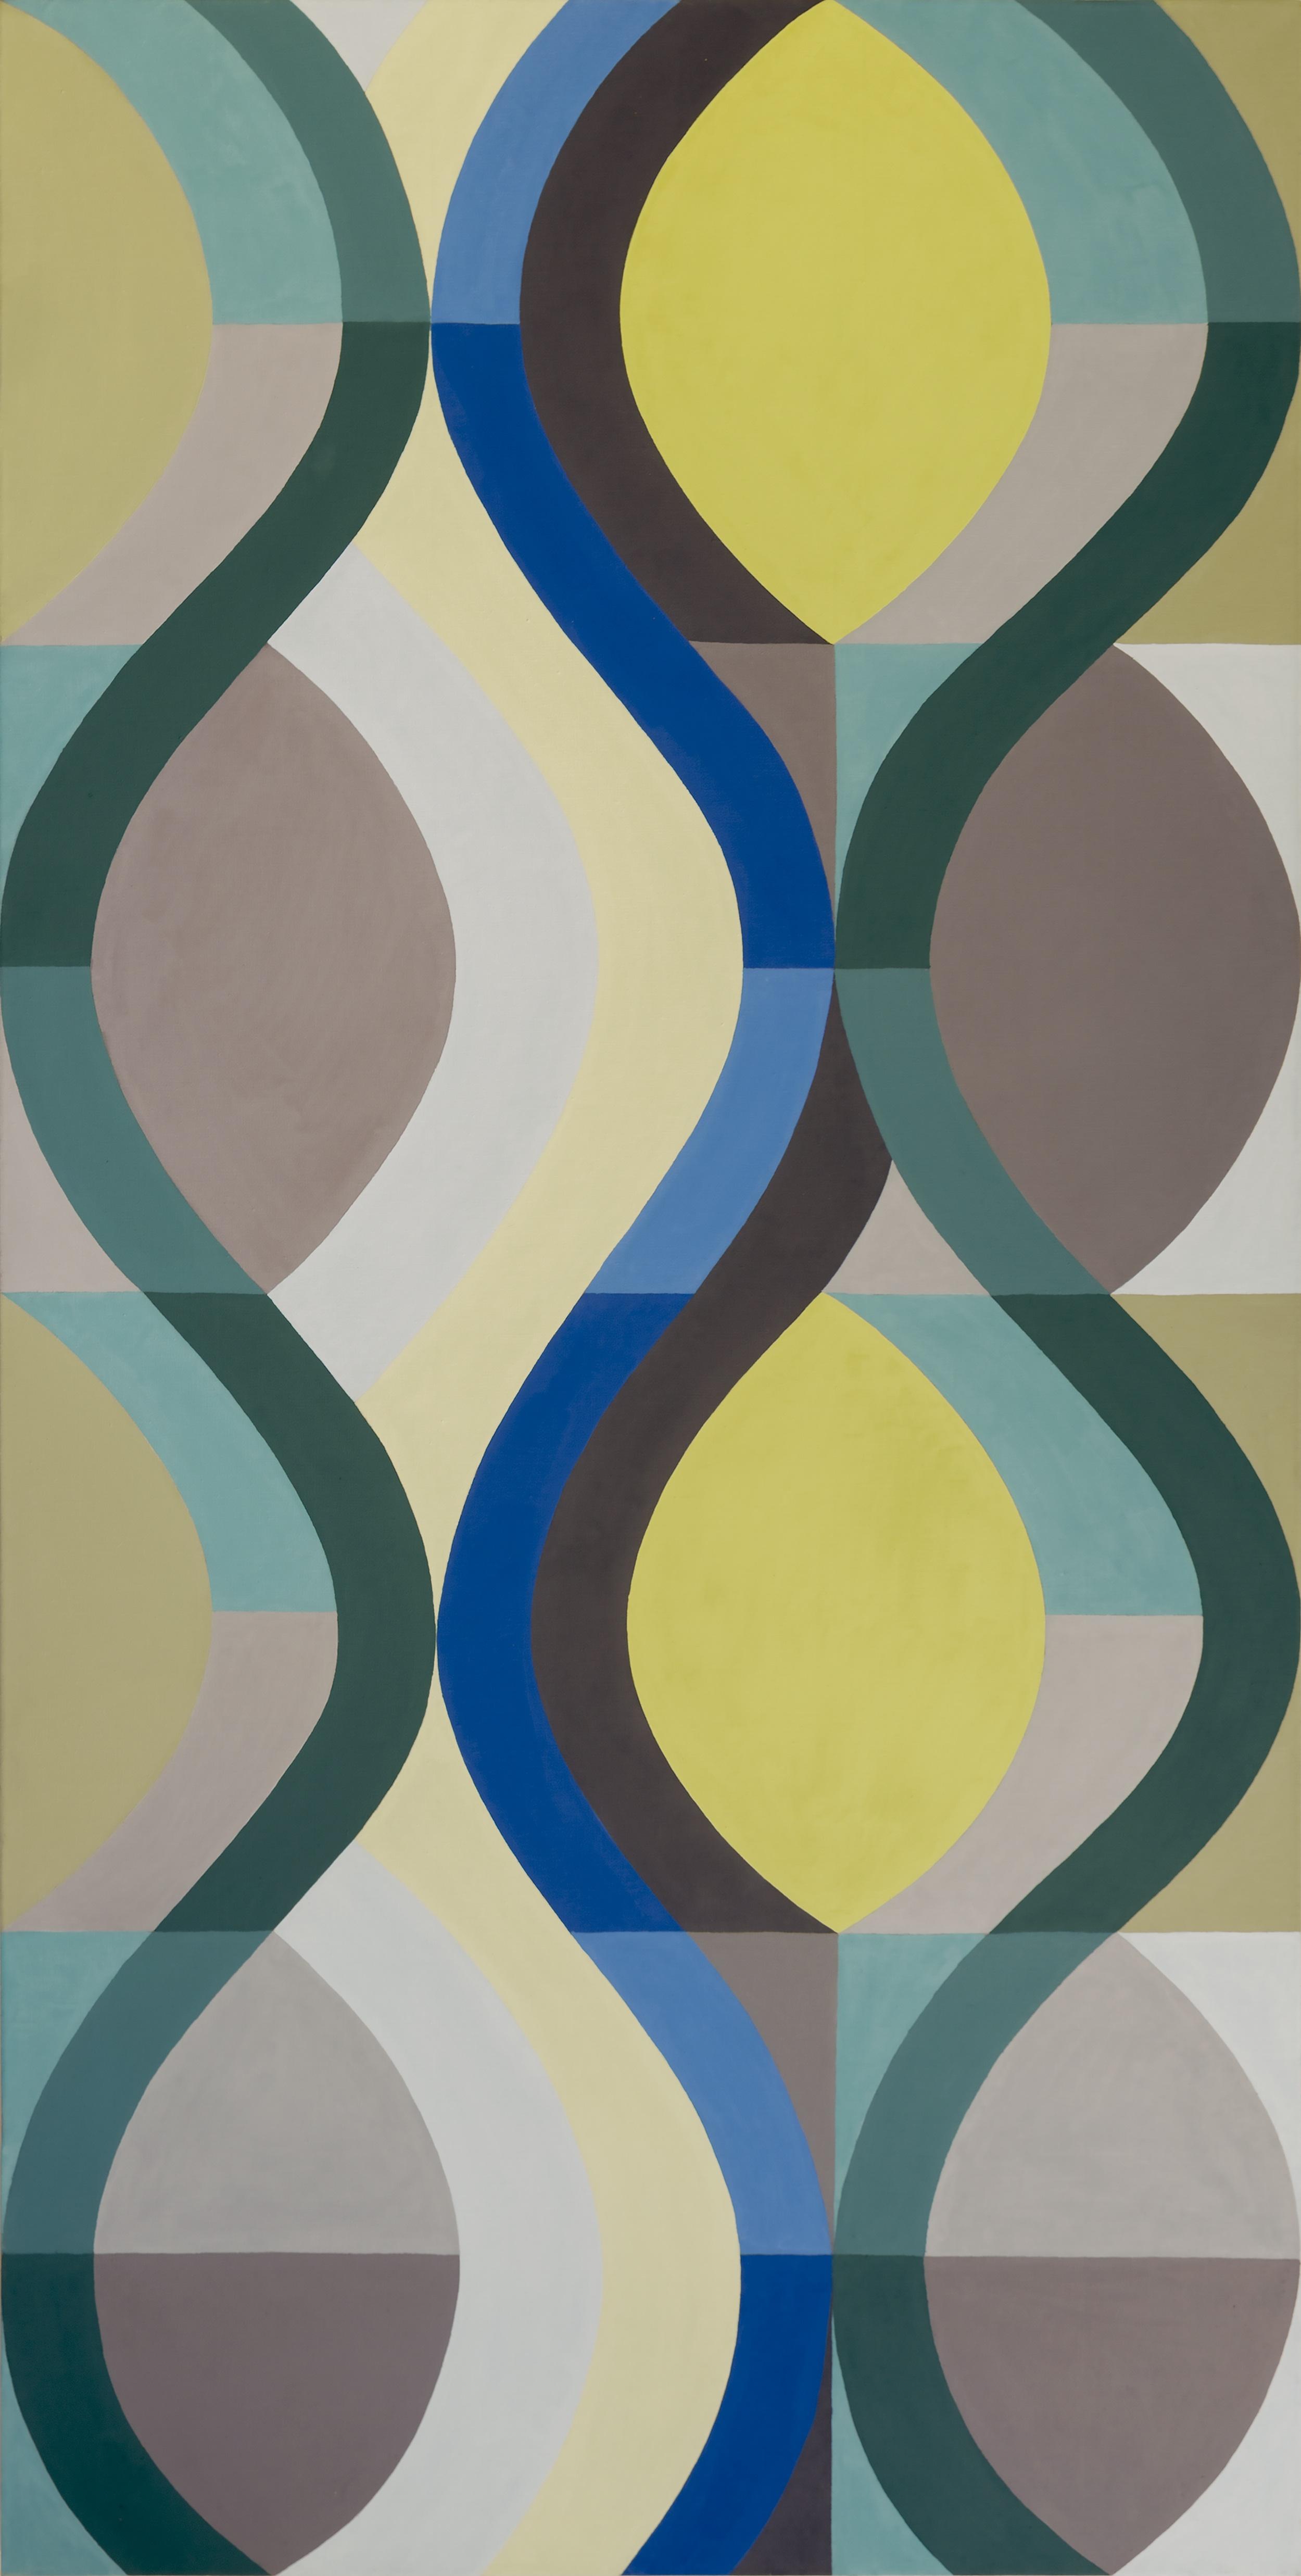 VSH #4, Oil on Linen, 64 x 32